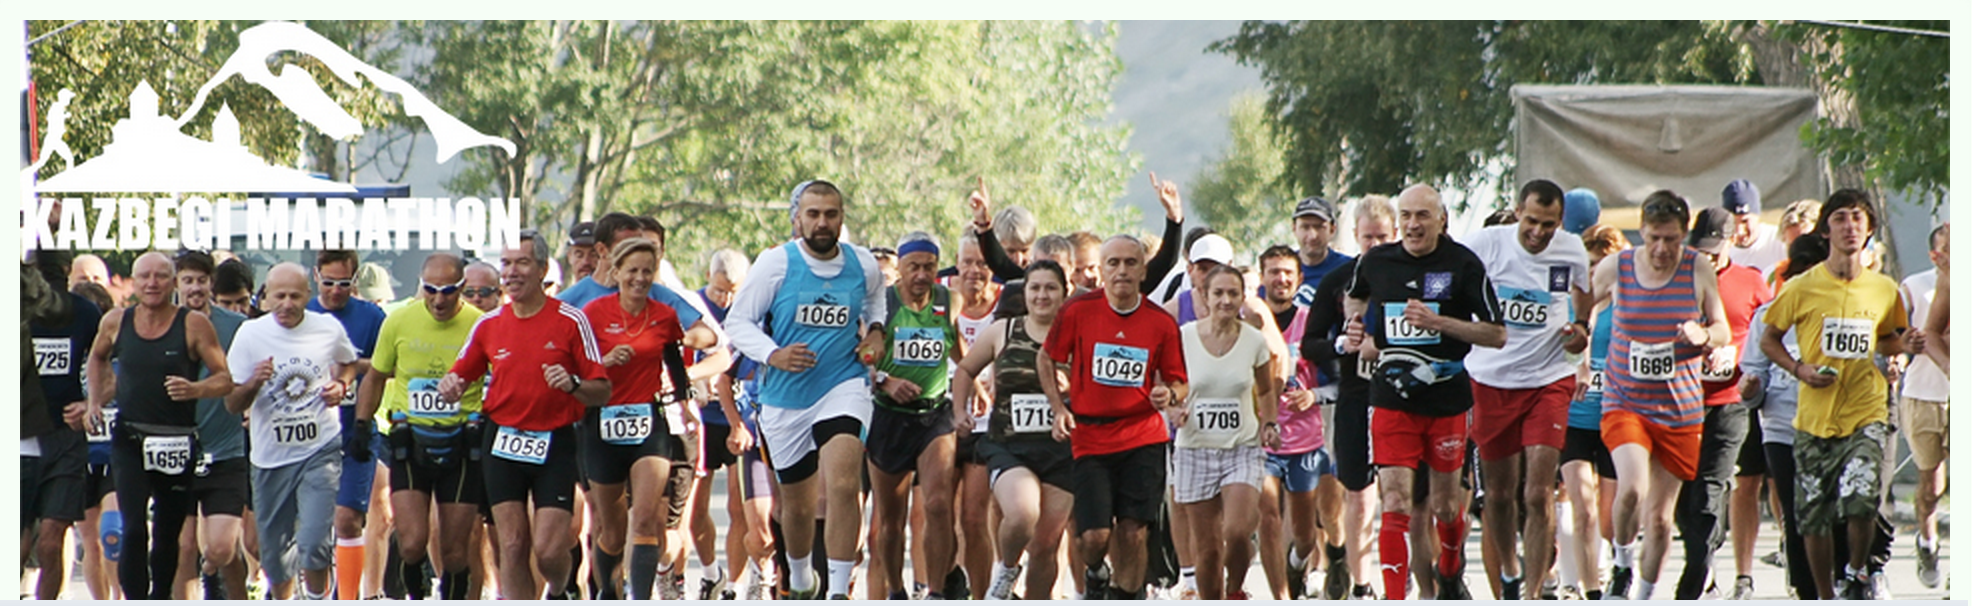 kazbegi marathon 2015